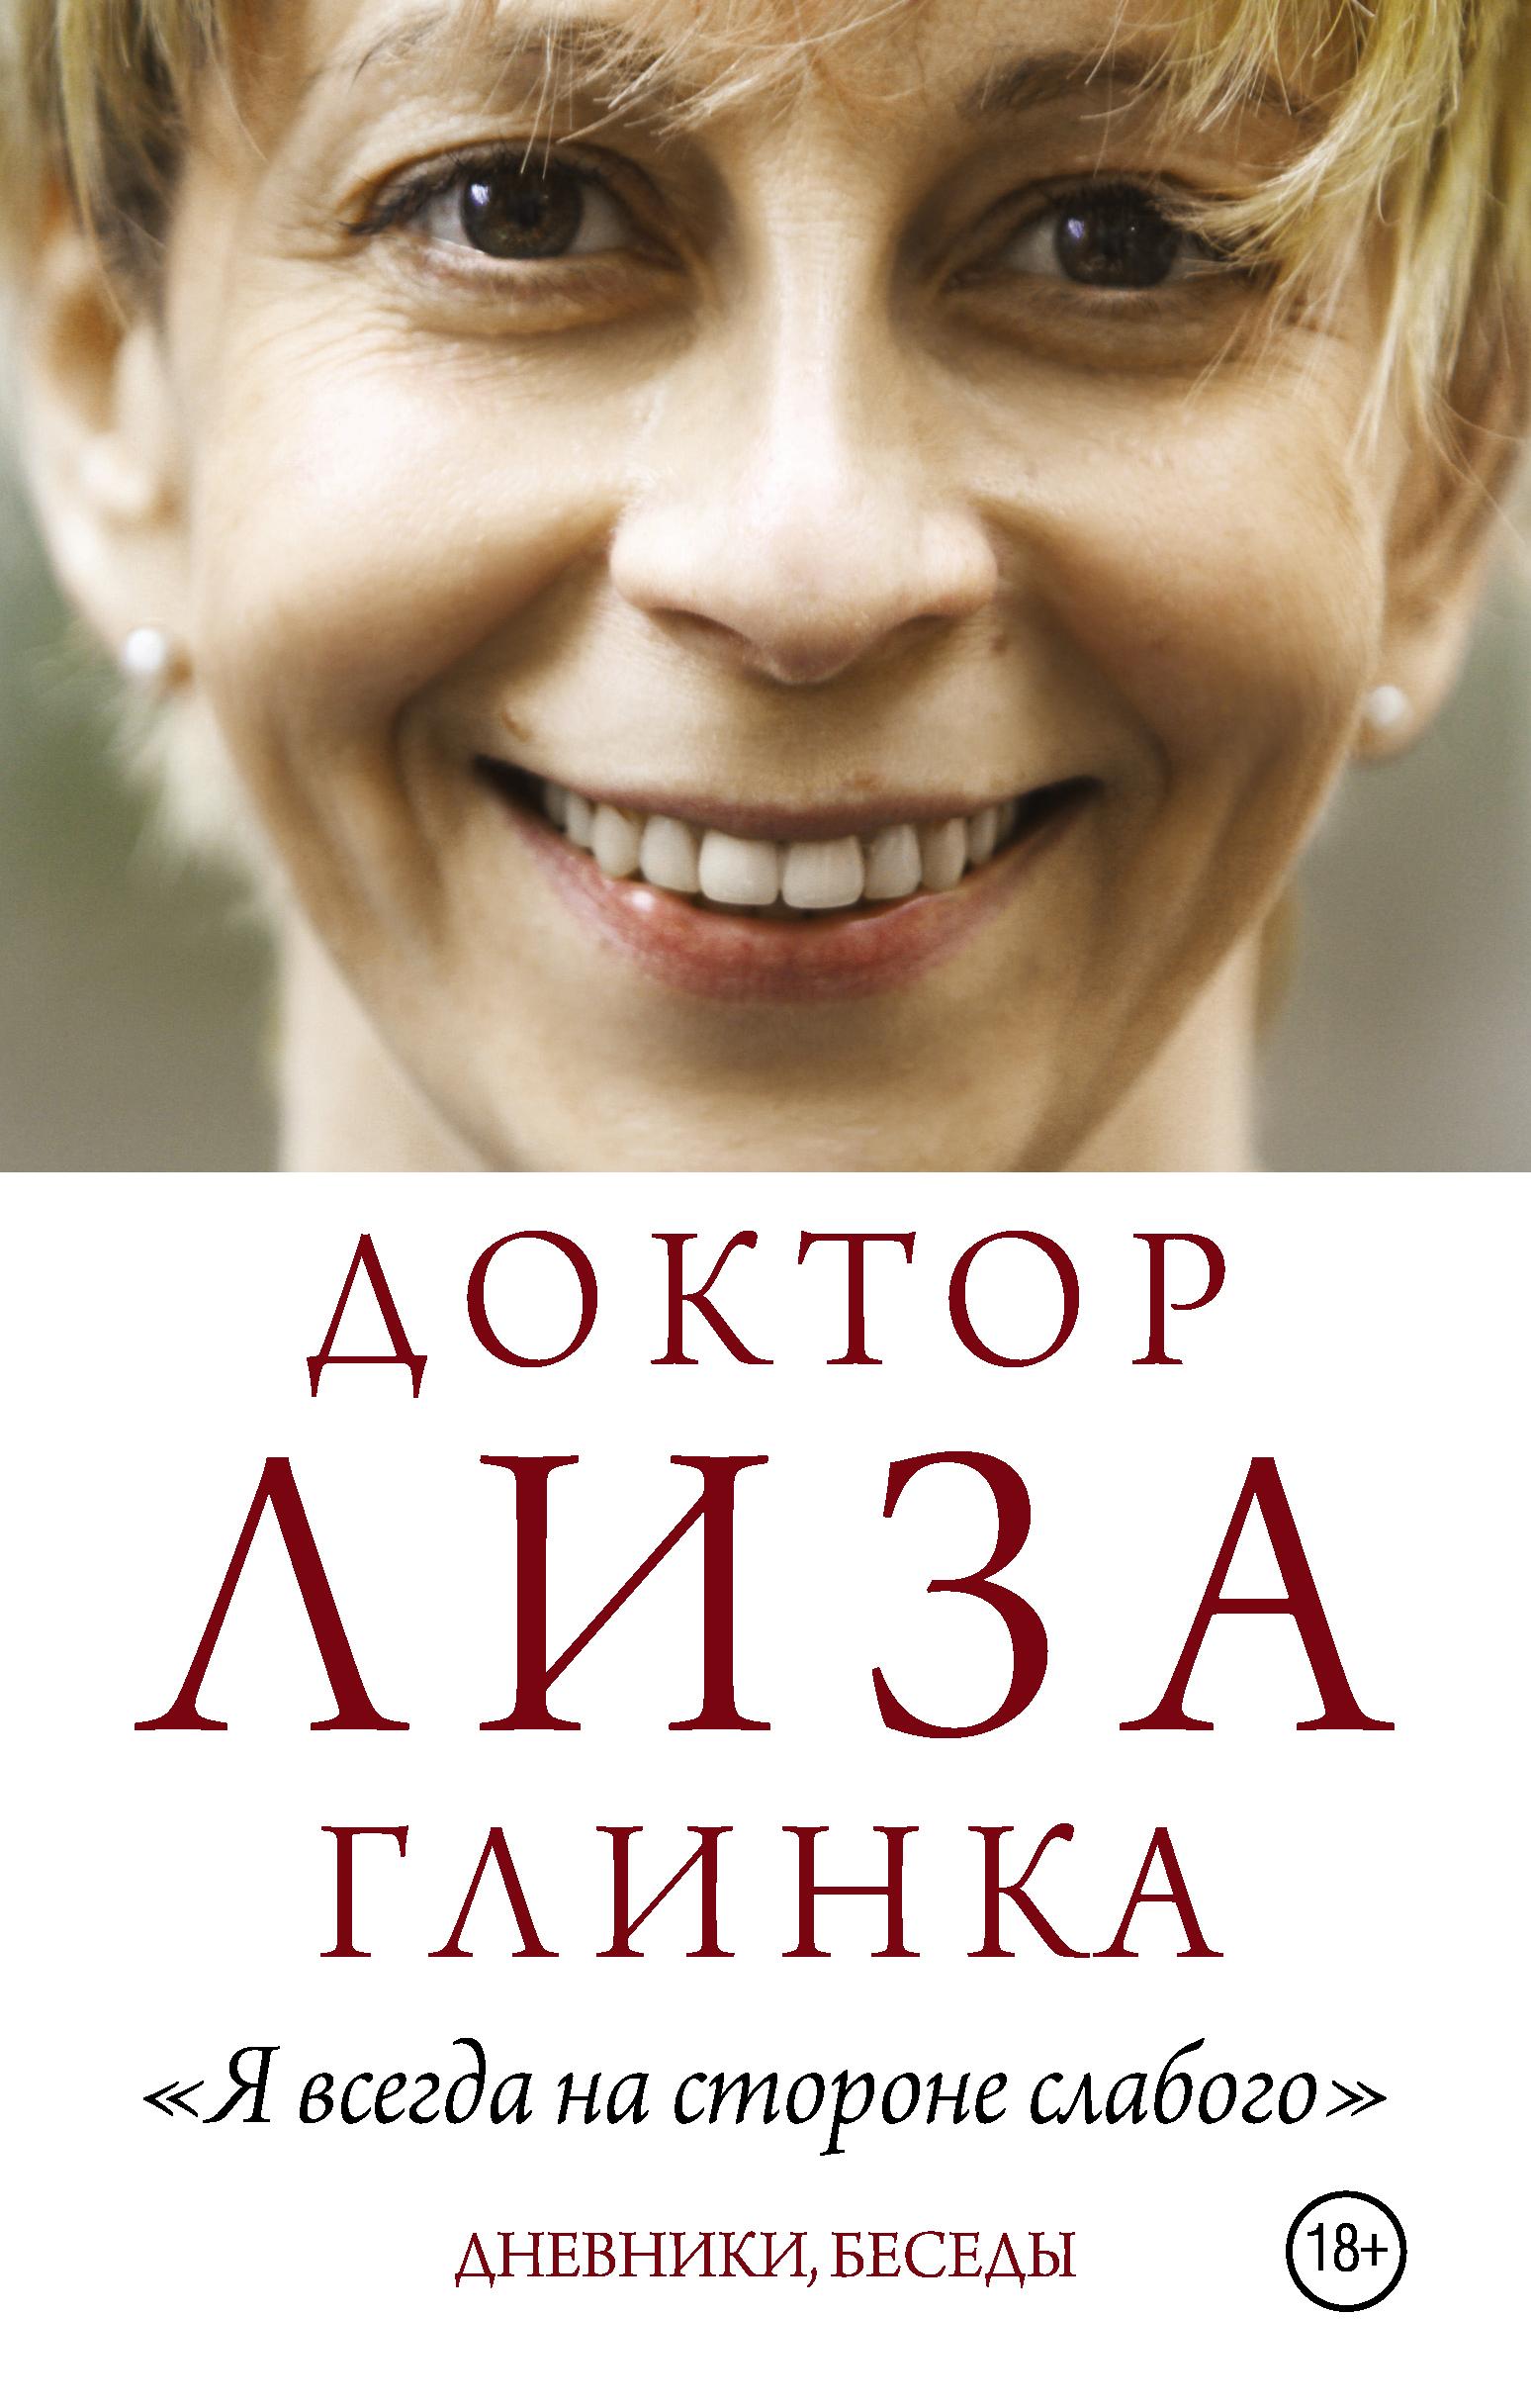 """Доктор Лиза Глинка: """"Я всегда на стороне слабого"""" . Дневники, беседы"""